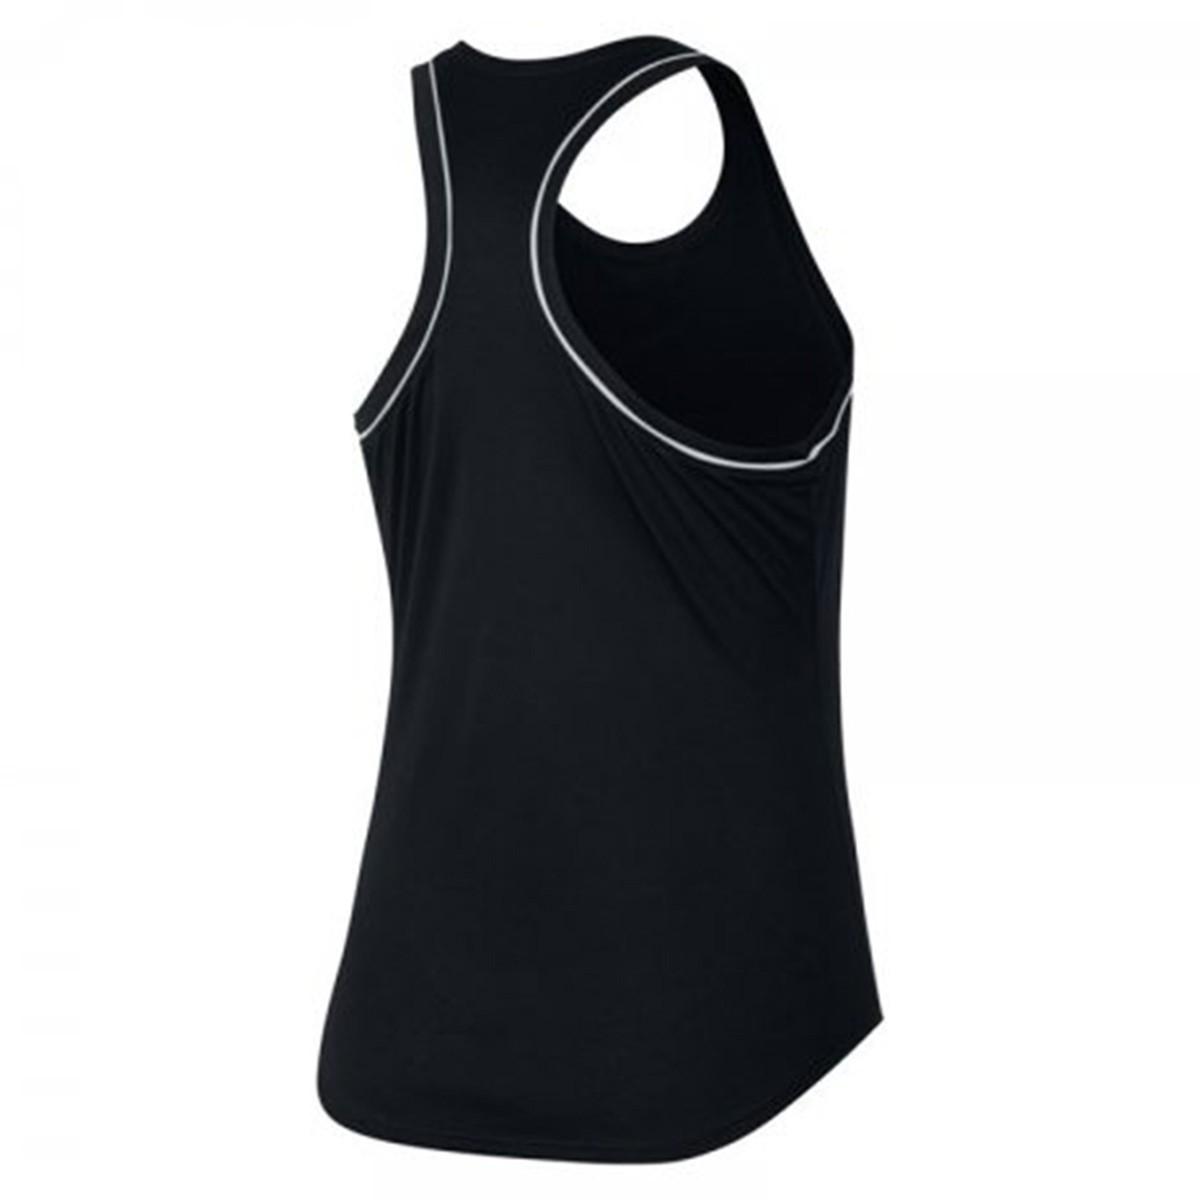 Regata Nike Court Dry - Preta - Feminina